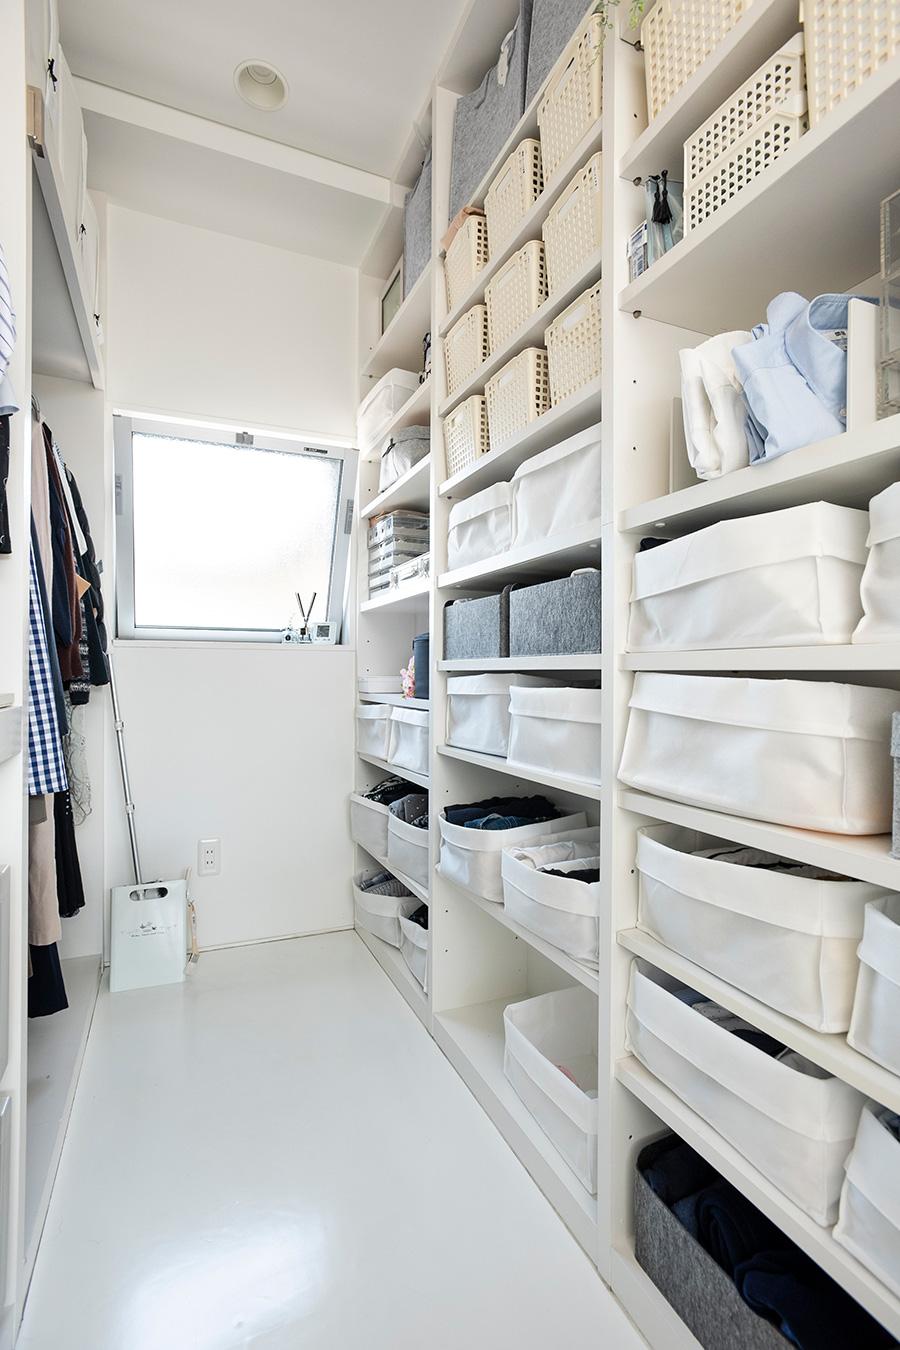 奥の方の棚には、取り出しやすい位置にアクセサリー類、上段には、冠婚葬祭&季節ものを収納。